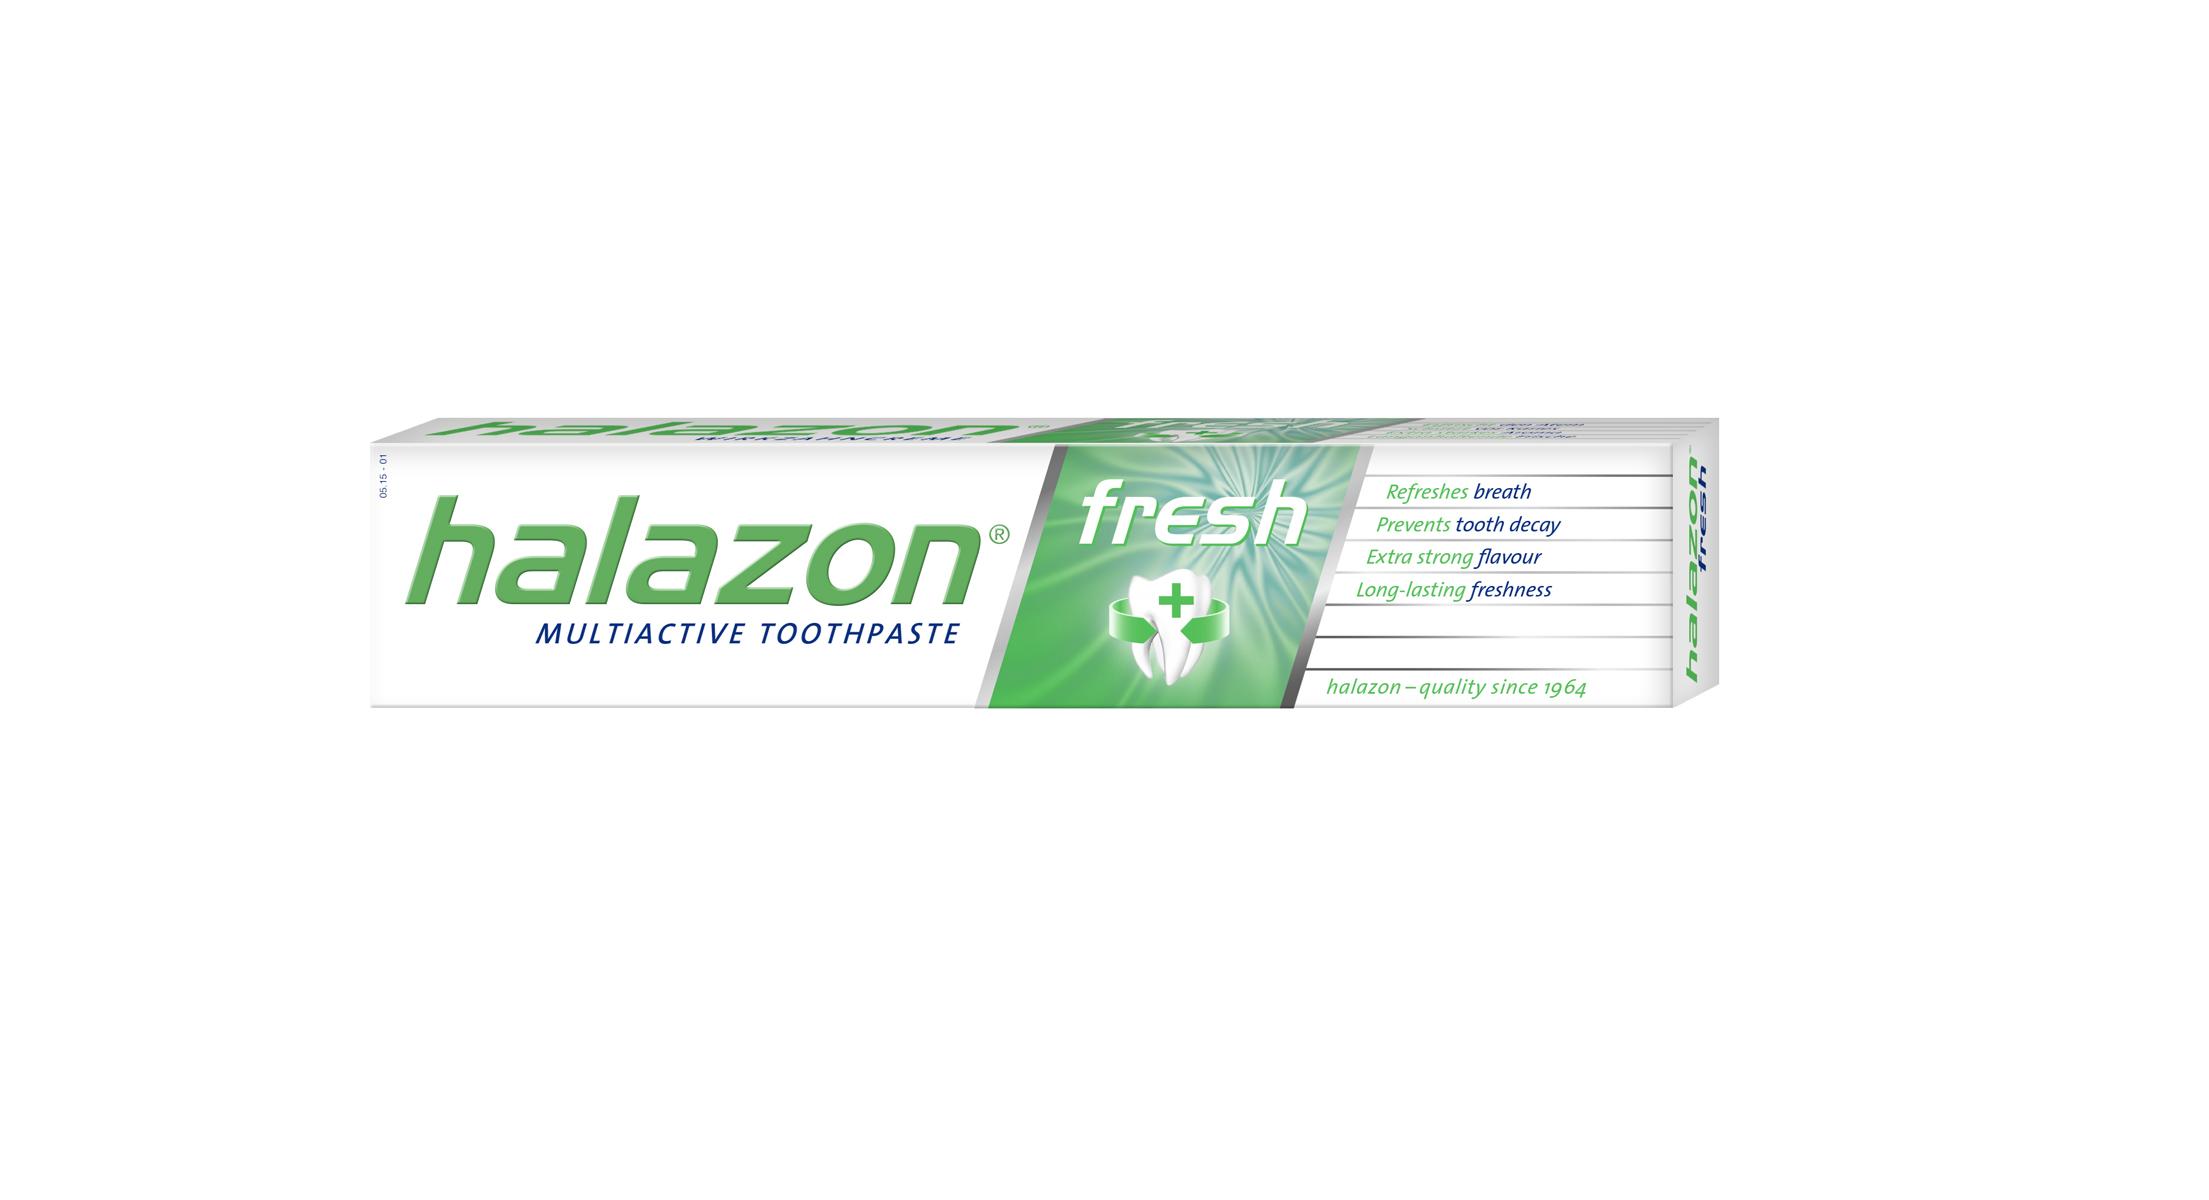 One Drop Only Зубная паста Halazon Fresh с ментолом, способствует реминерализации зубов и укрепления эмали, 75mlH13FЗубная паста Halazon Fresh с ментолом, способствует реминерализации зубов и укрепления эмали